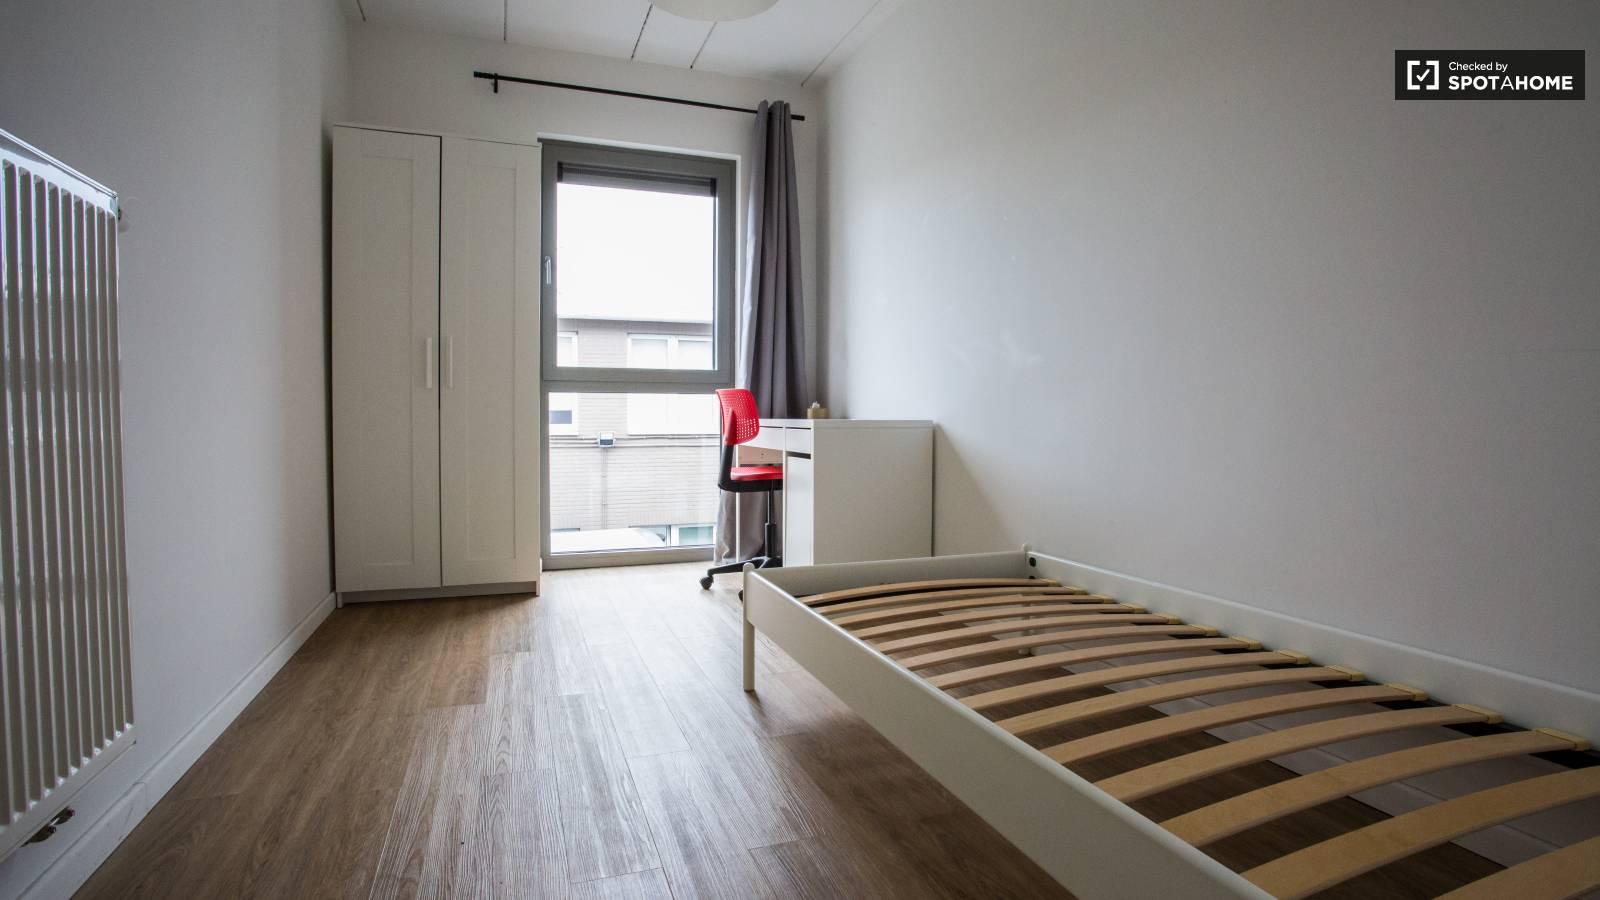 Bedroom Type 1 example